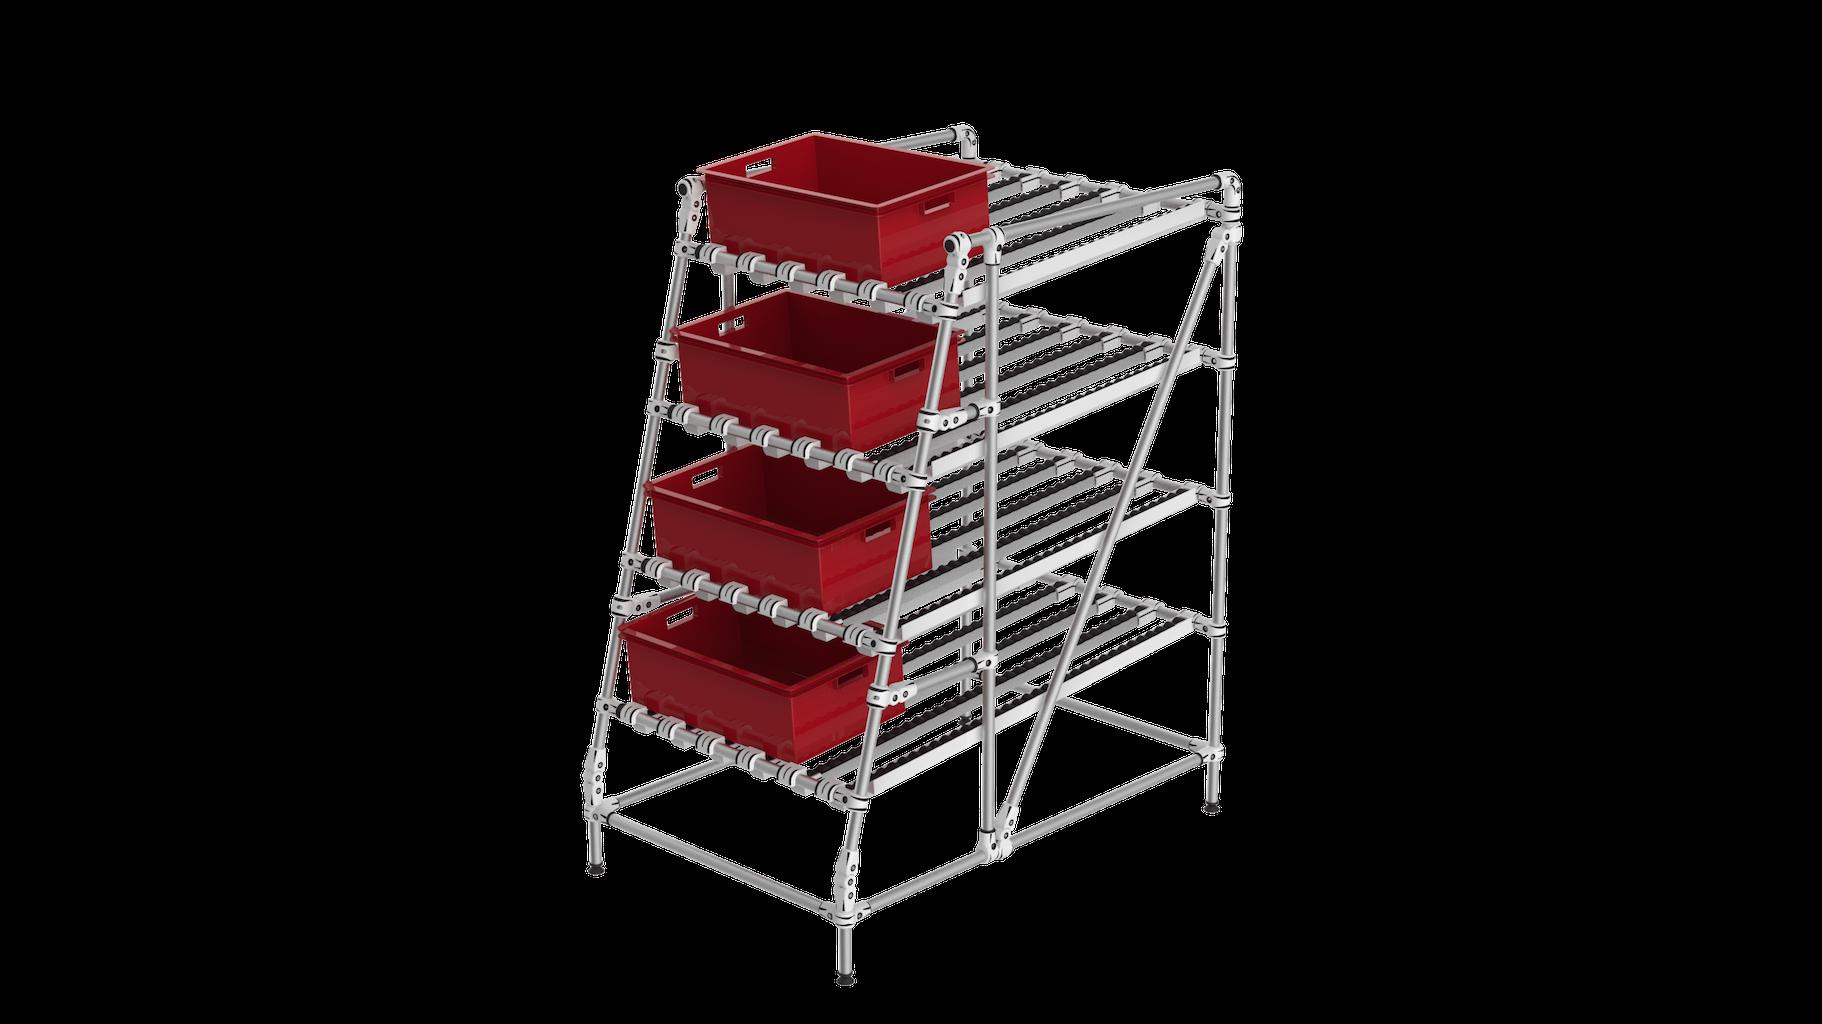 Ergonomic gravity flow rack